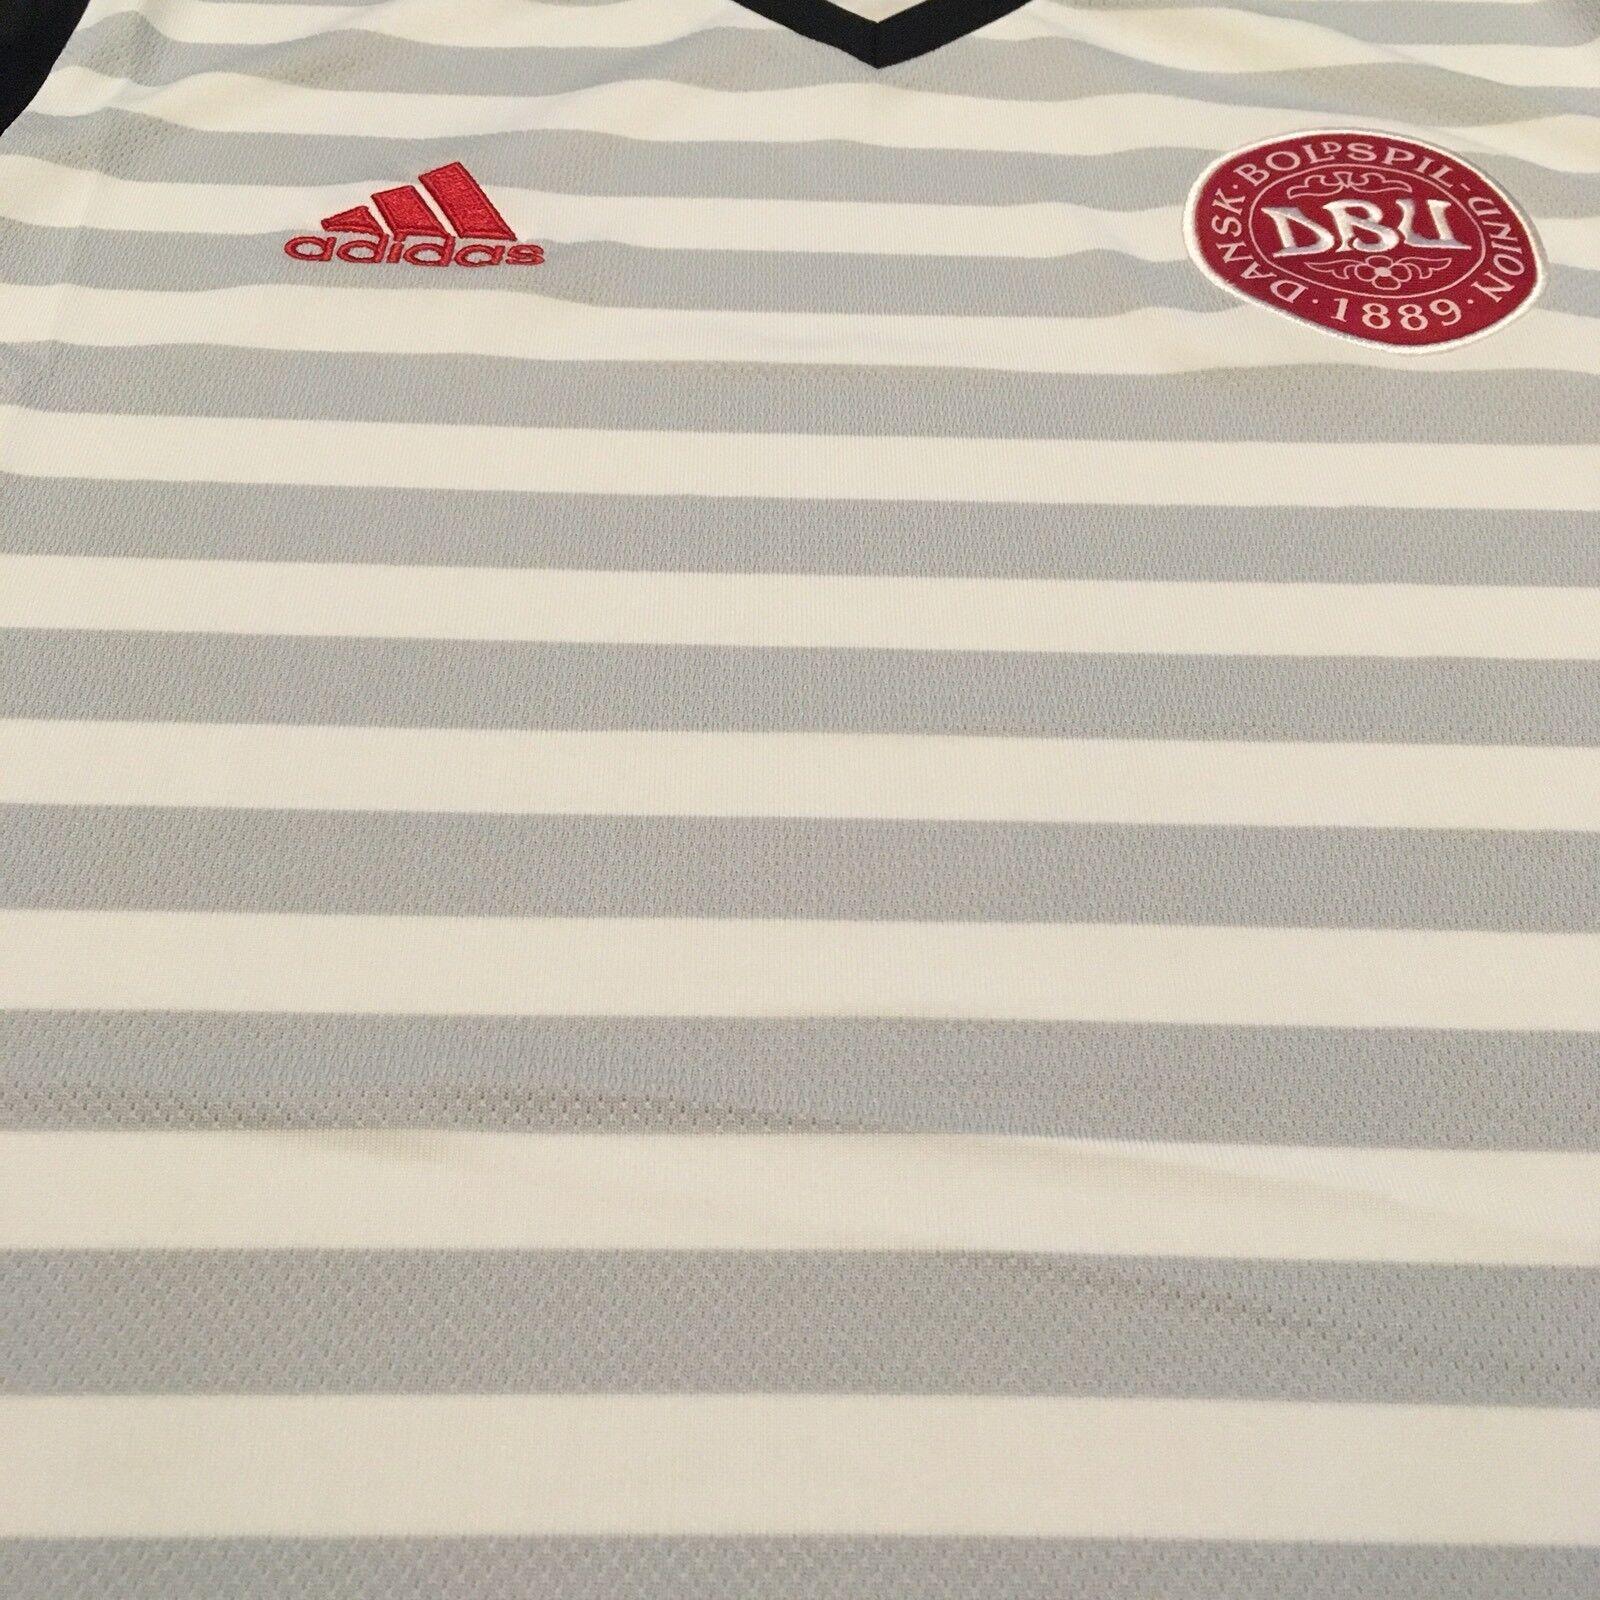 244b6896d7f ... 2016 Denmark Away Jersey Medium Medium Medium Adidas Danish Soccer  Football NEW 07e65d ...